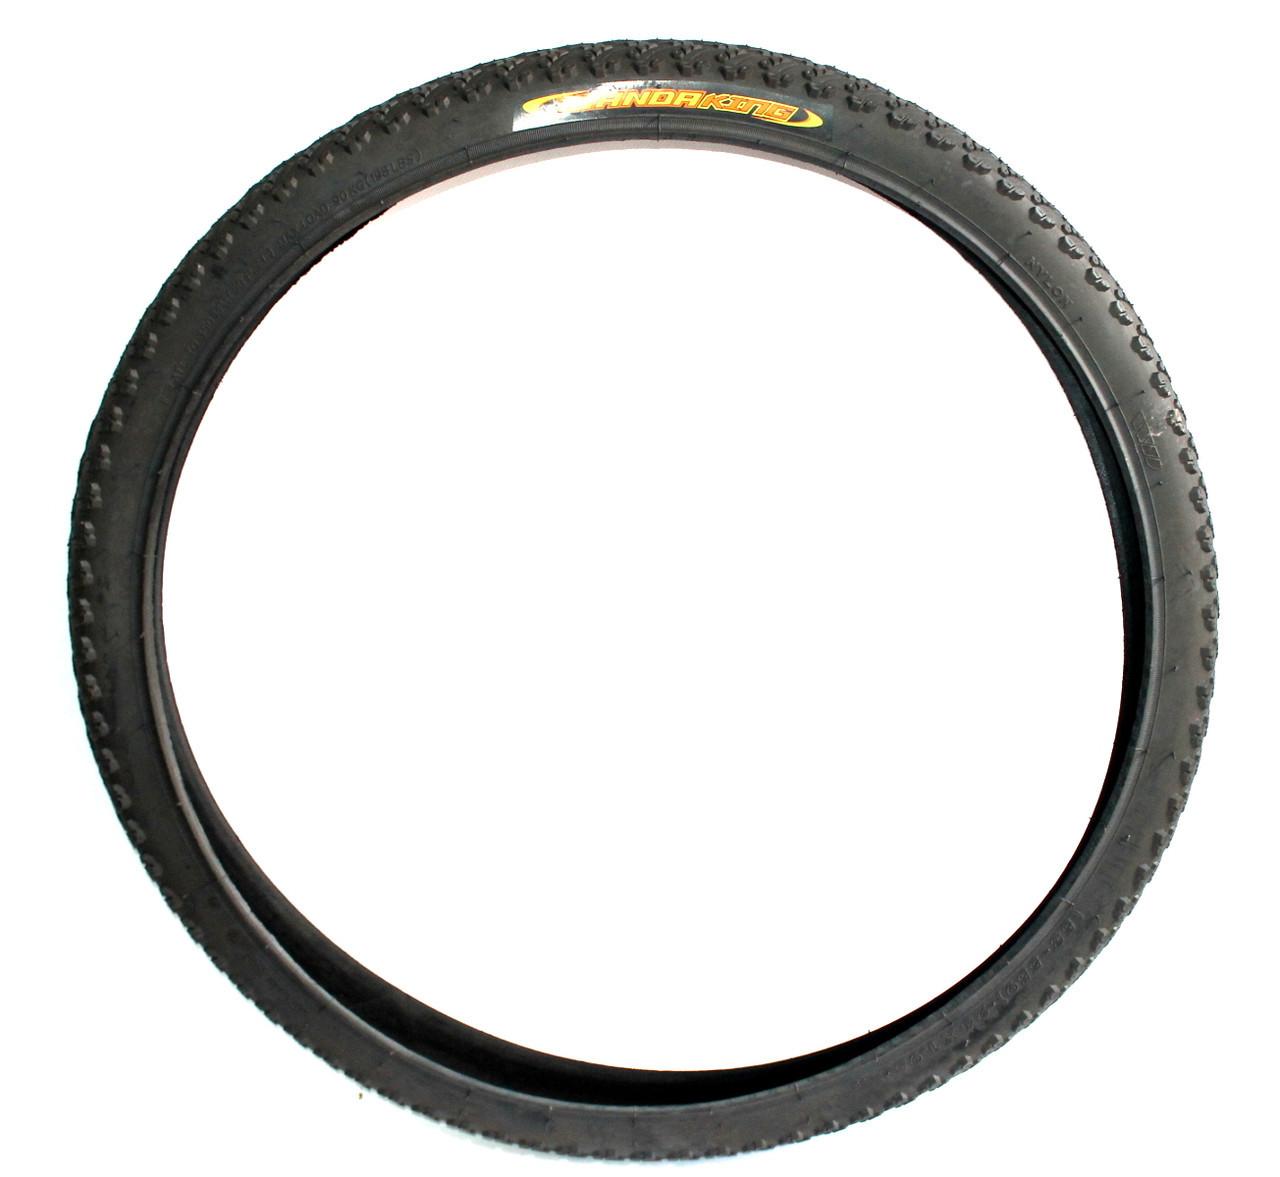 Вело-покрышка (шина) WANDA 26*1.95